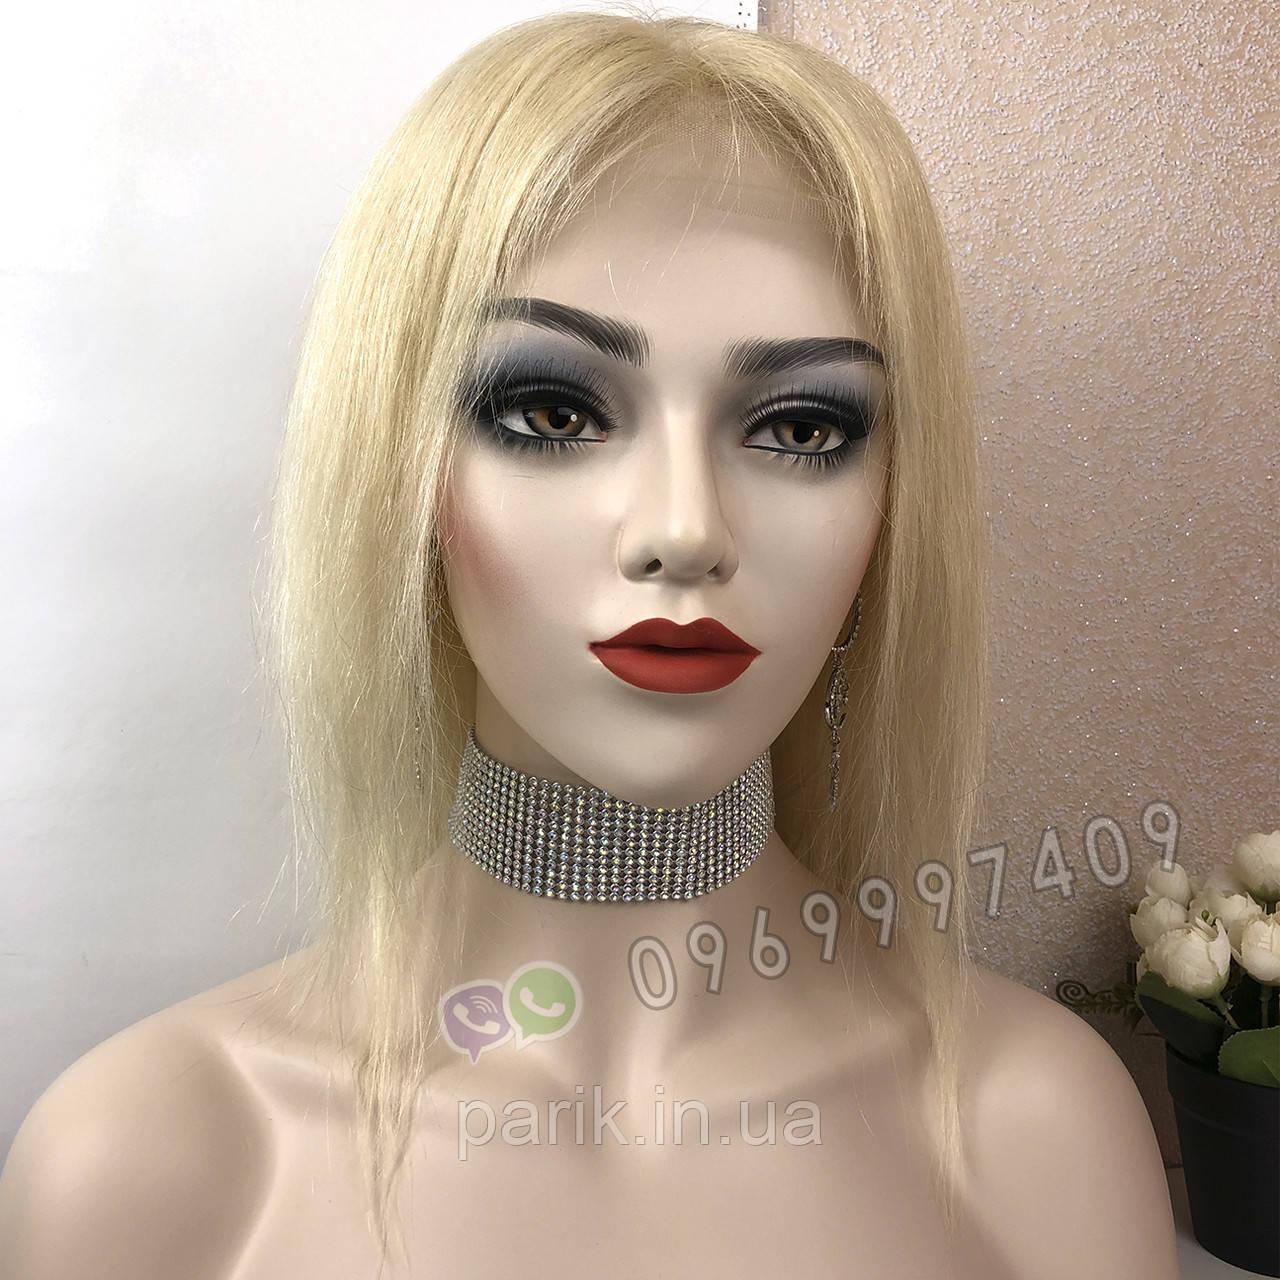 Парик из натуральных волос, каре блонд на сетке